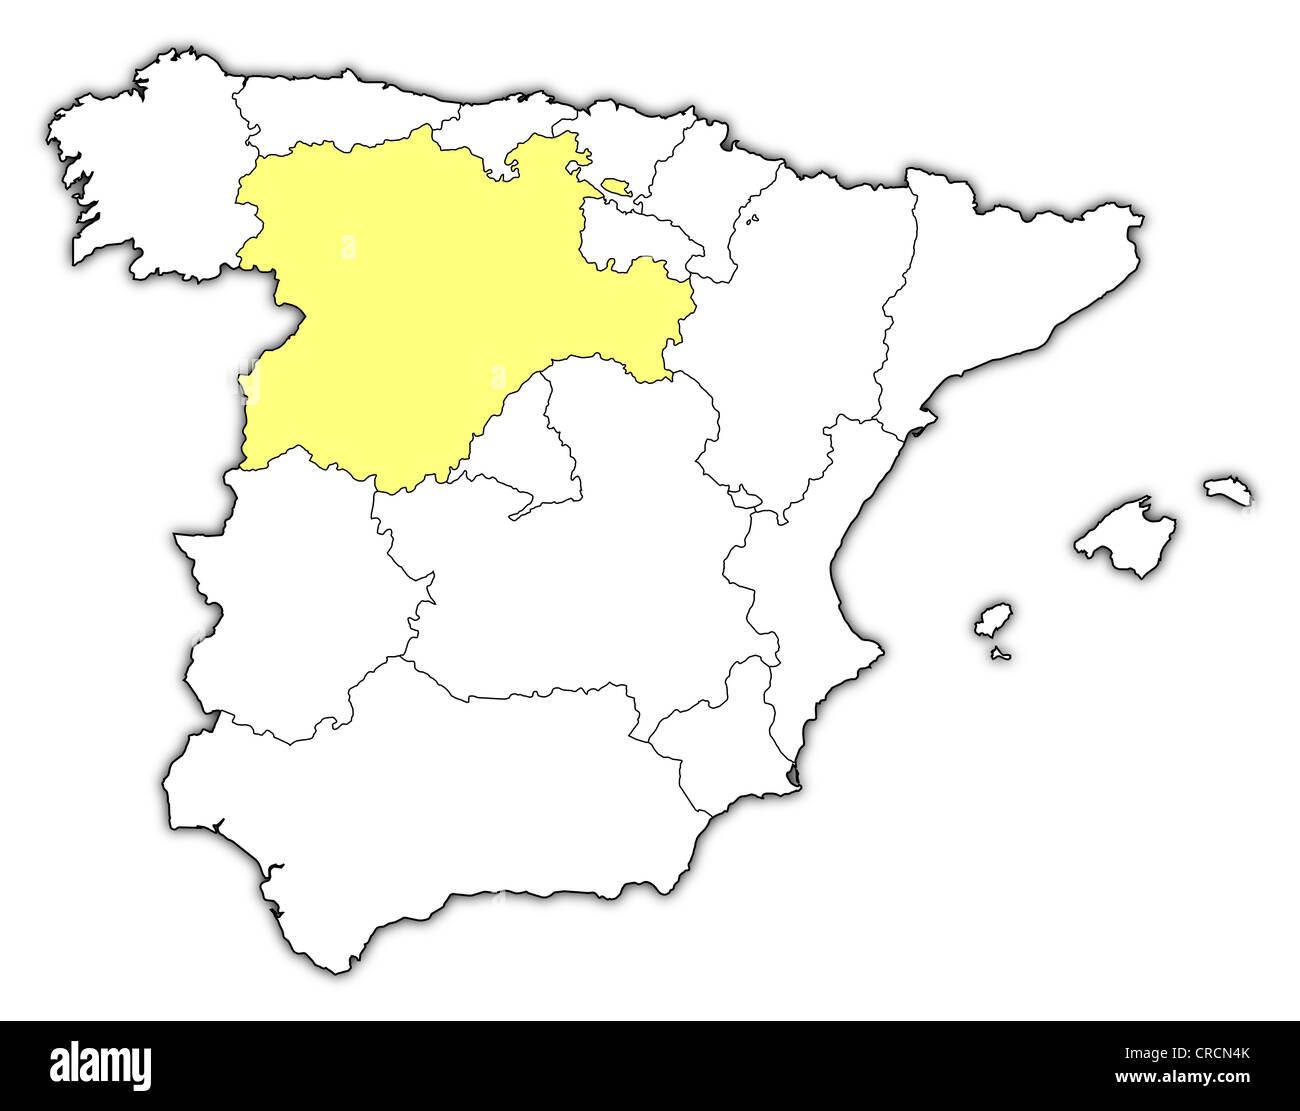 Spanien Regionen Karte.Politische Karte Von Spanien Mit Mehreren Regionen Wo Kastilien Und